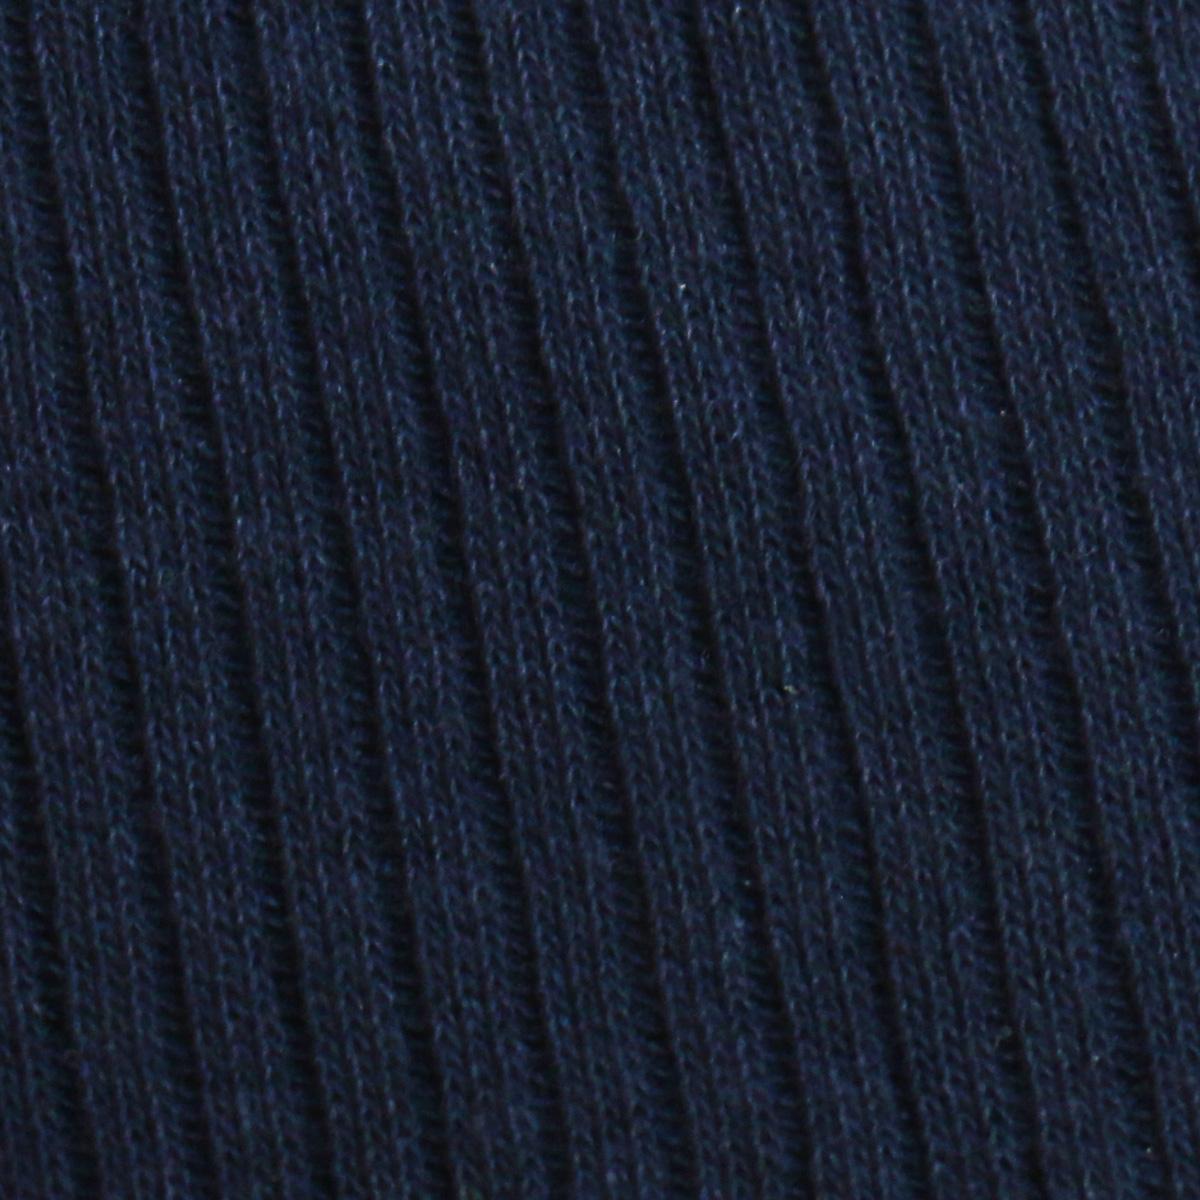 时尚运动面料360克法国罗纹、深宝蓝图片五